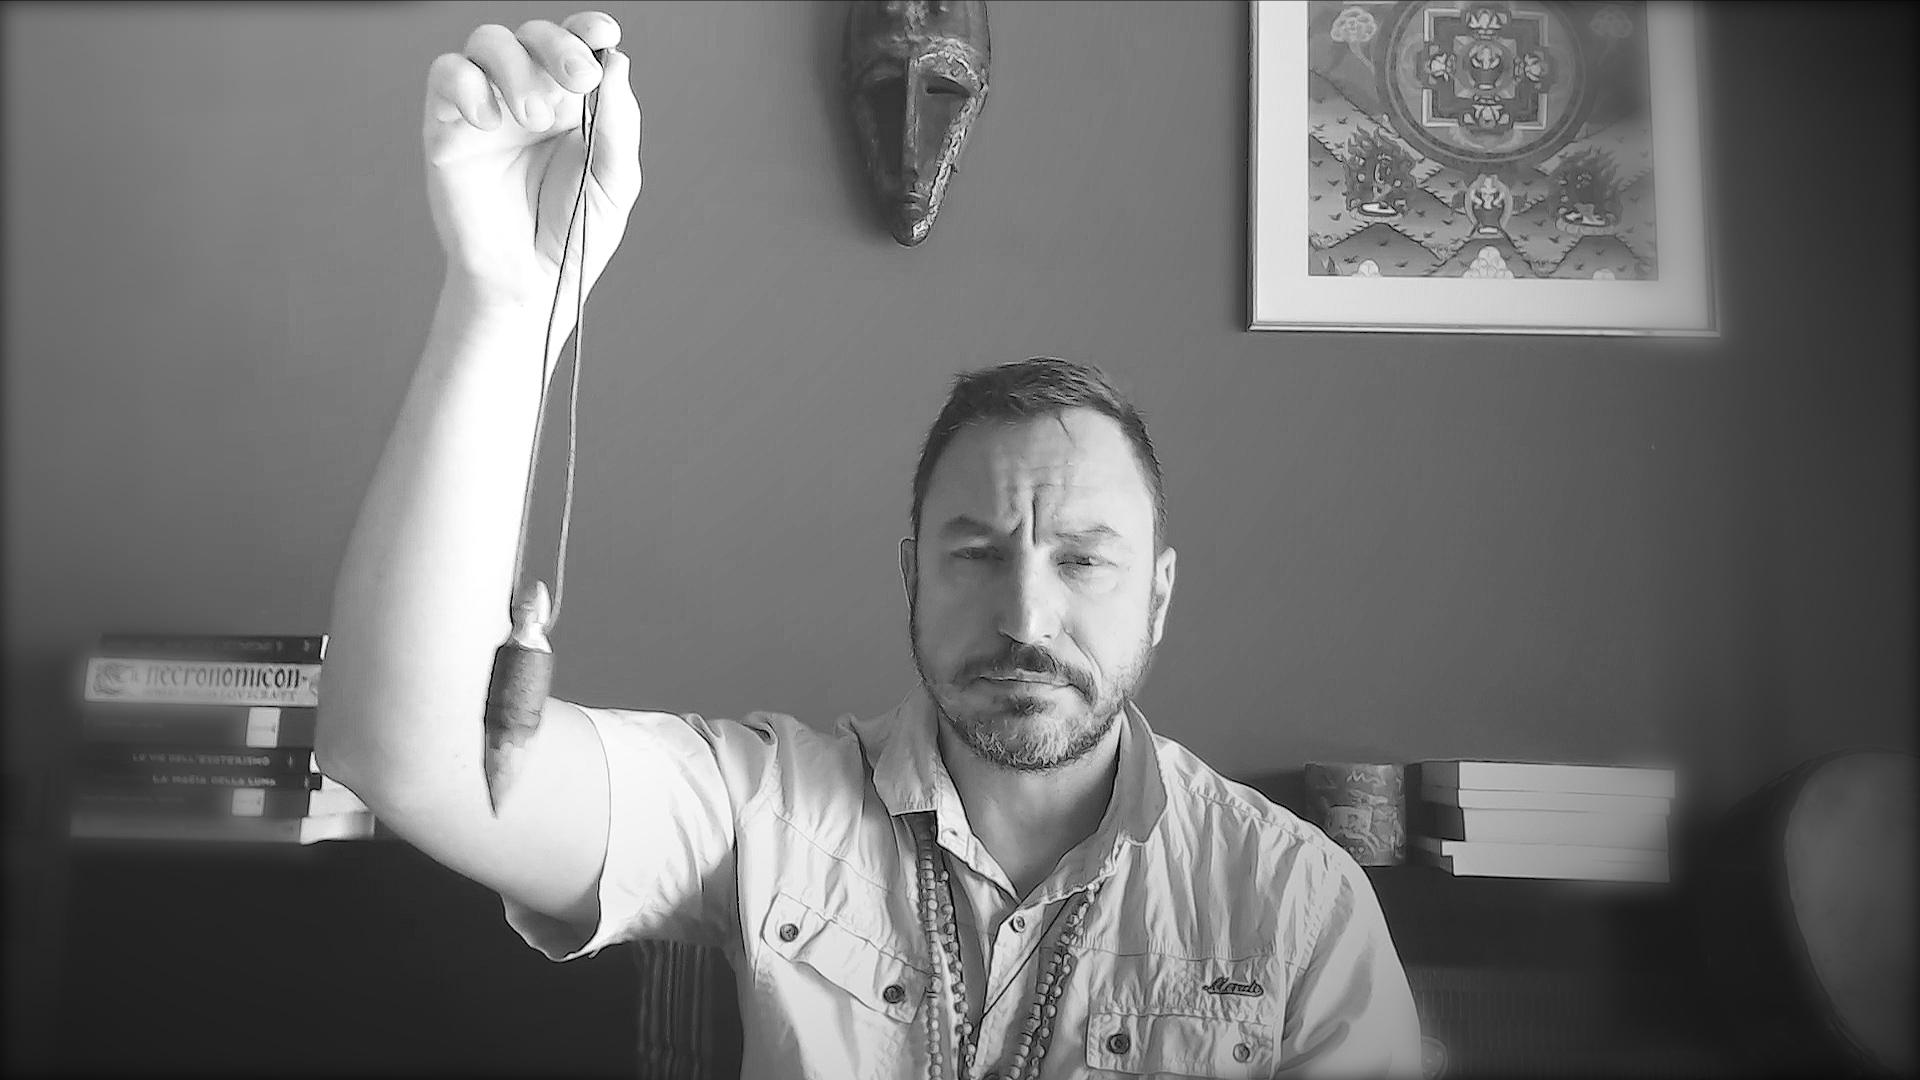 Il pendolino non è una tecnica sciamanica